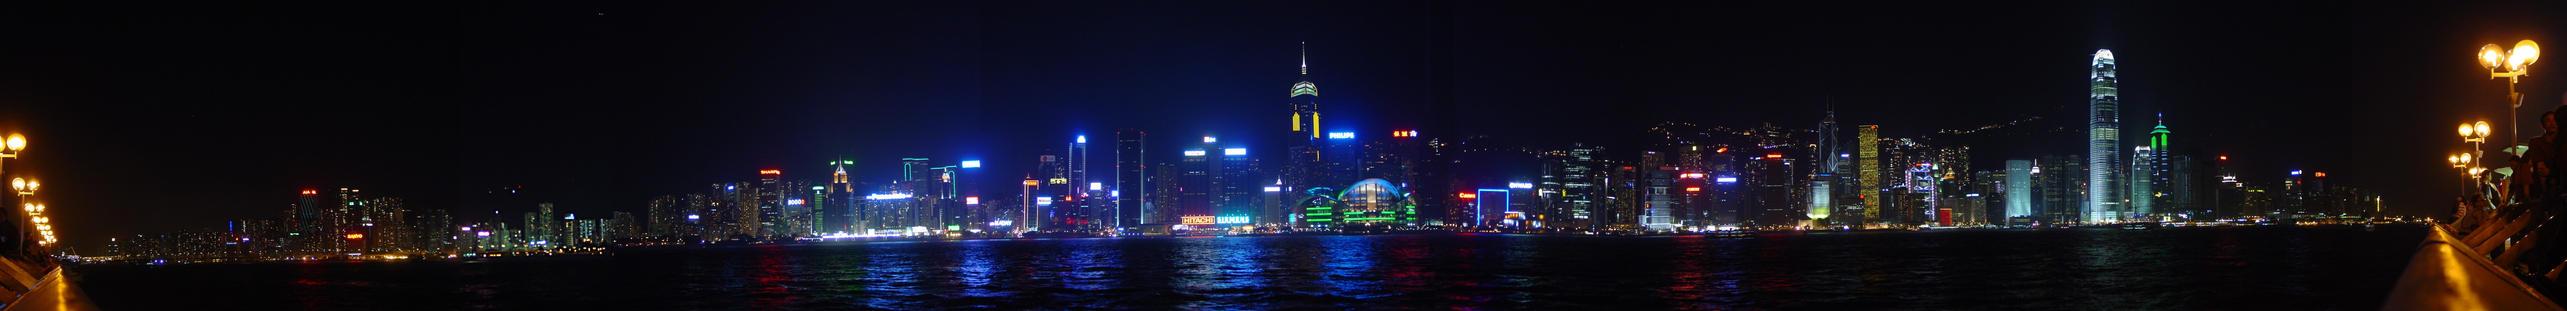 Hong Kong Bay by arcanjel